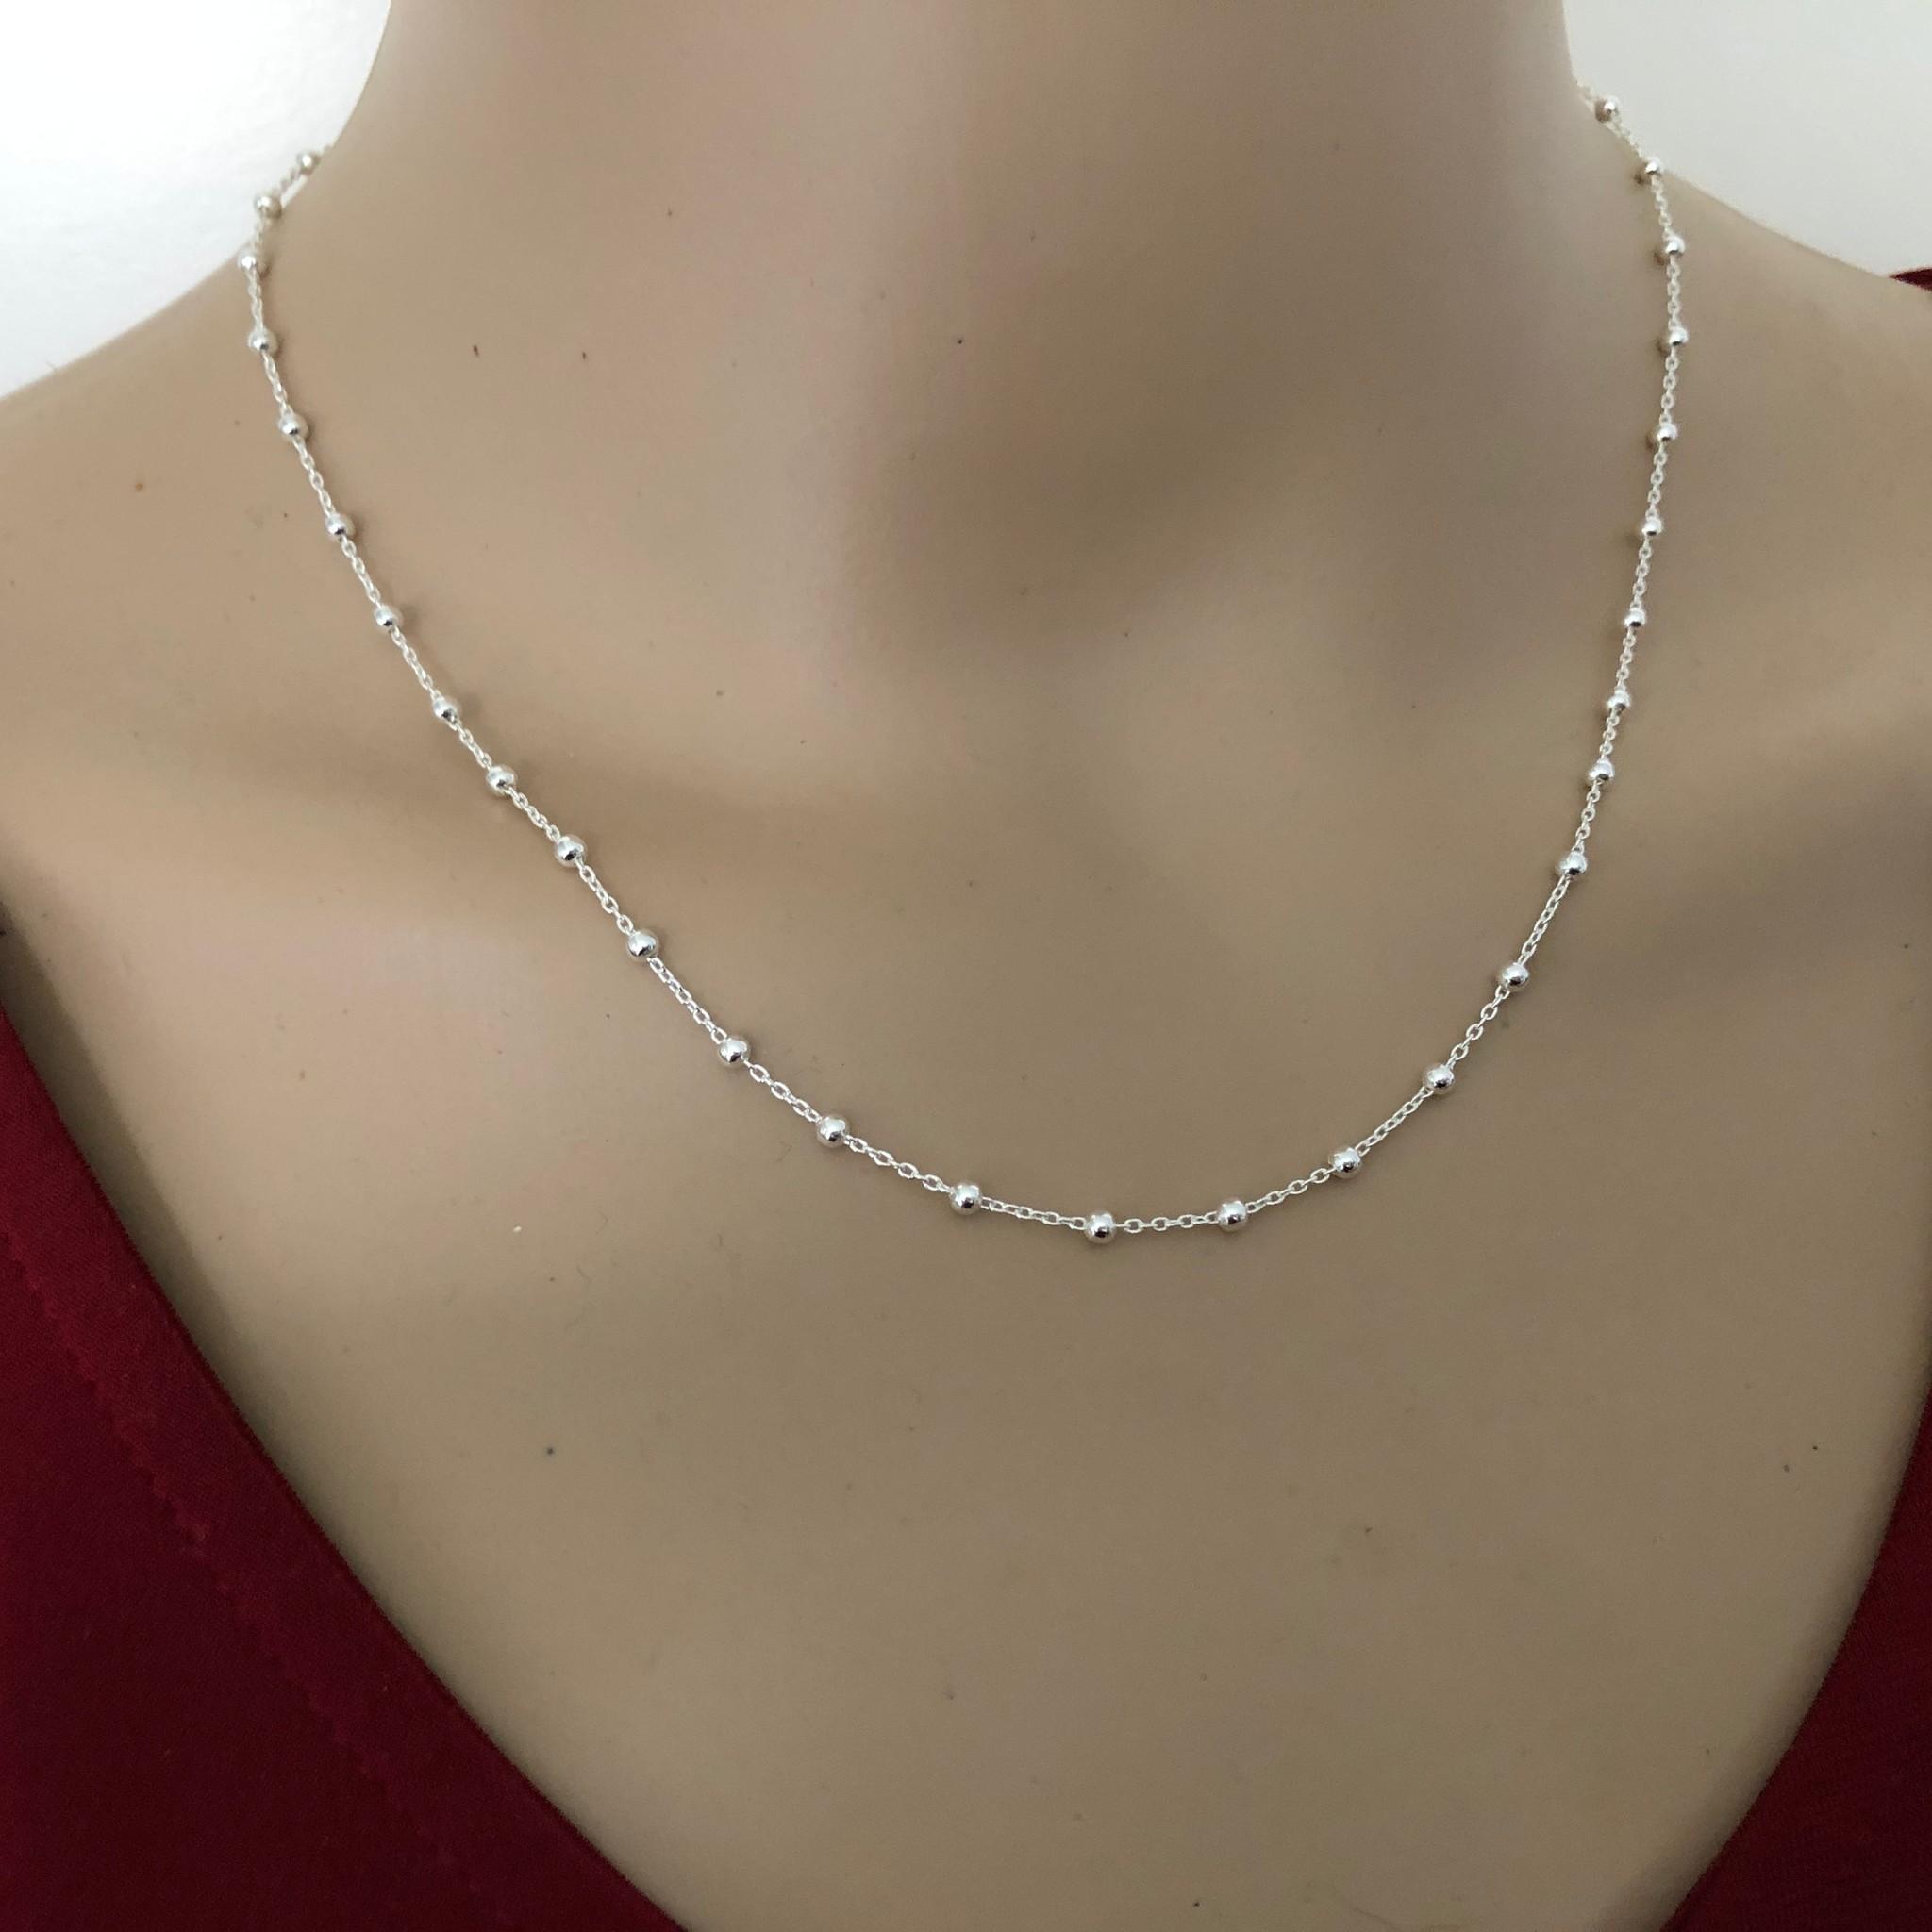 Zilveren kabel  bolletjes ketting verstelbaar 40-45 cm-2